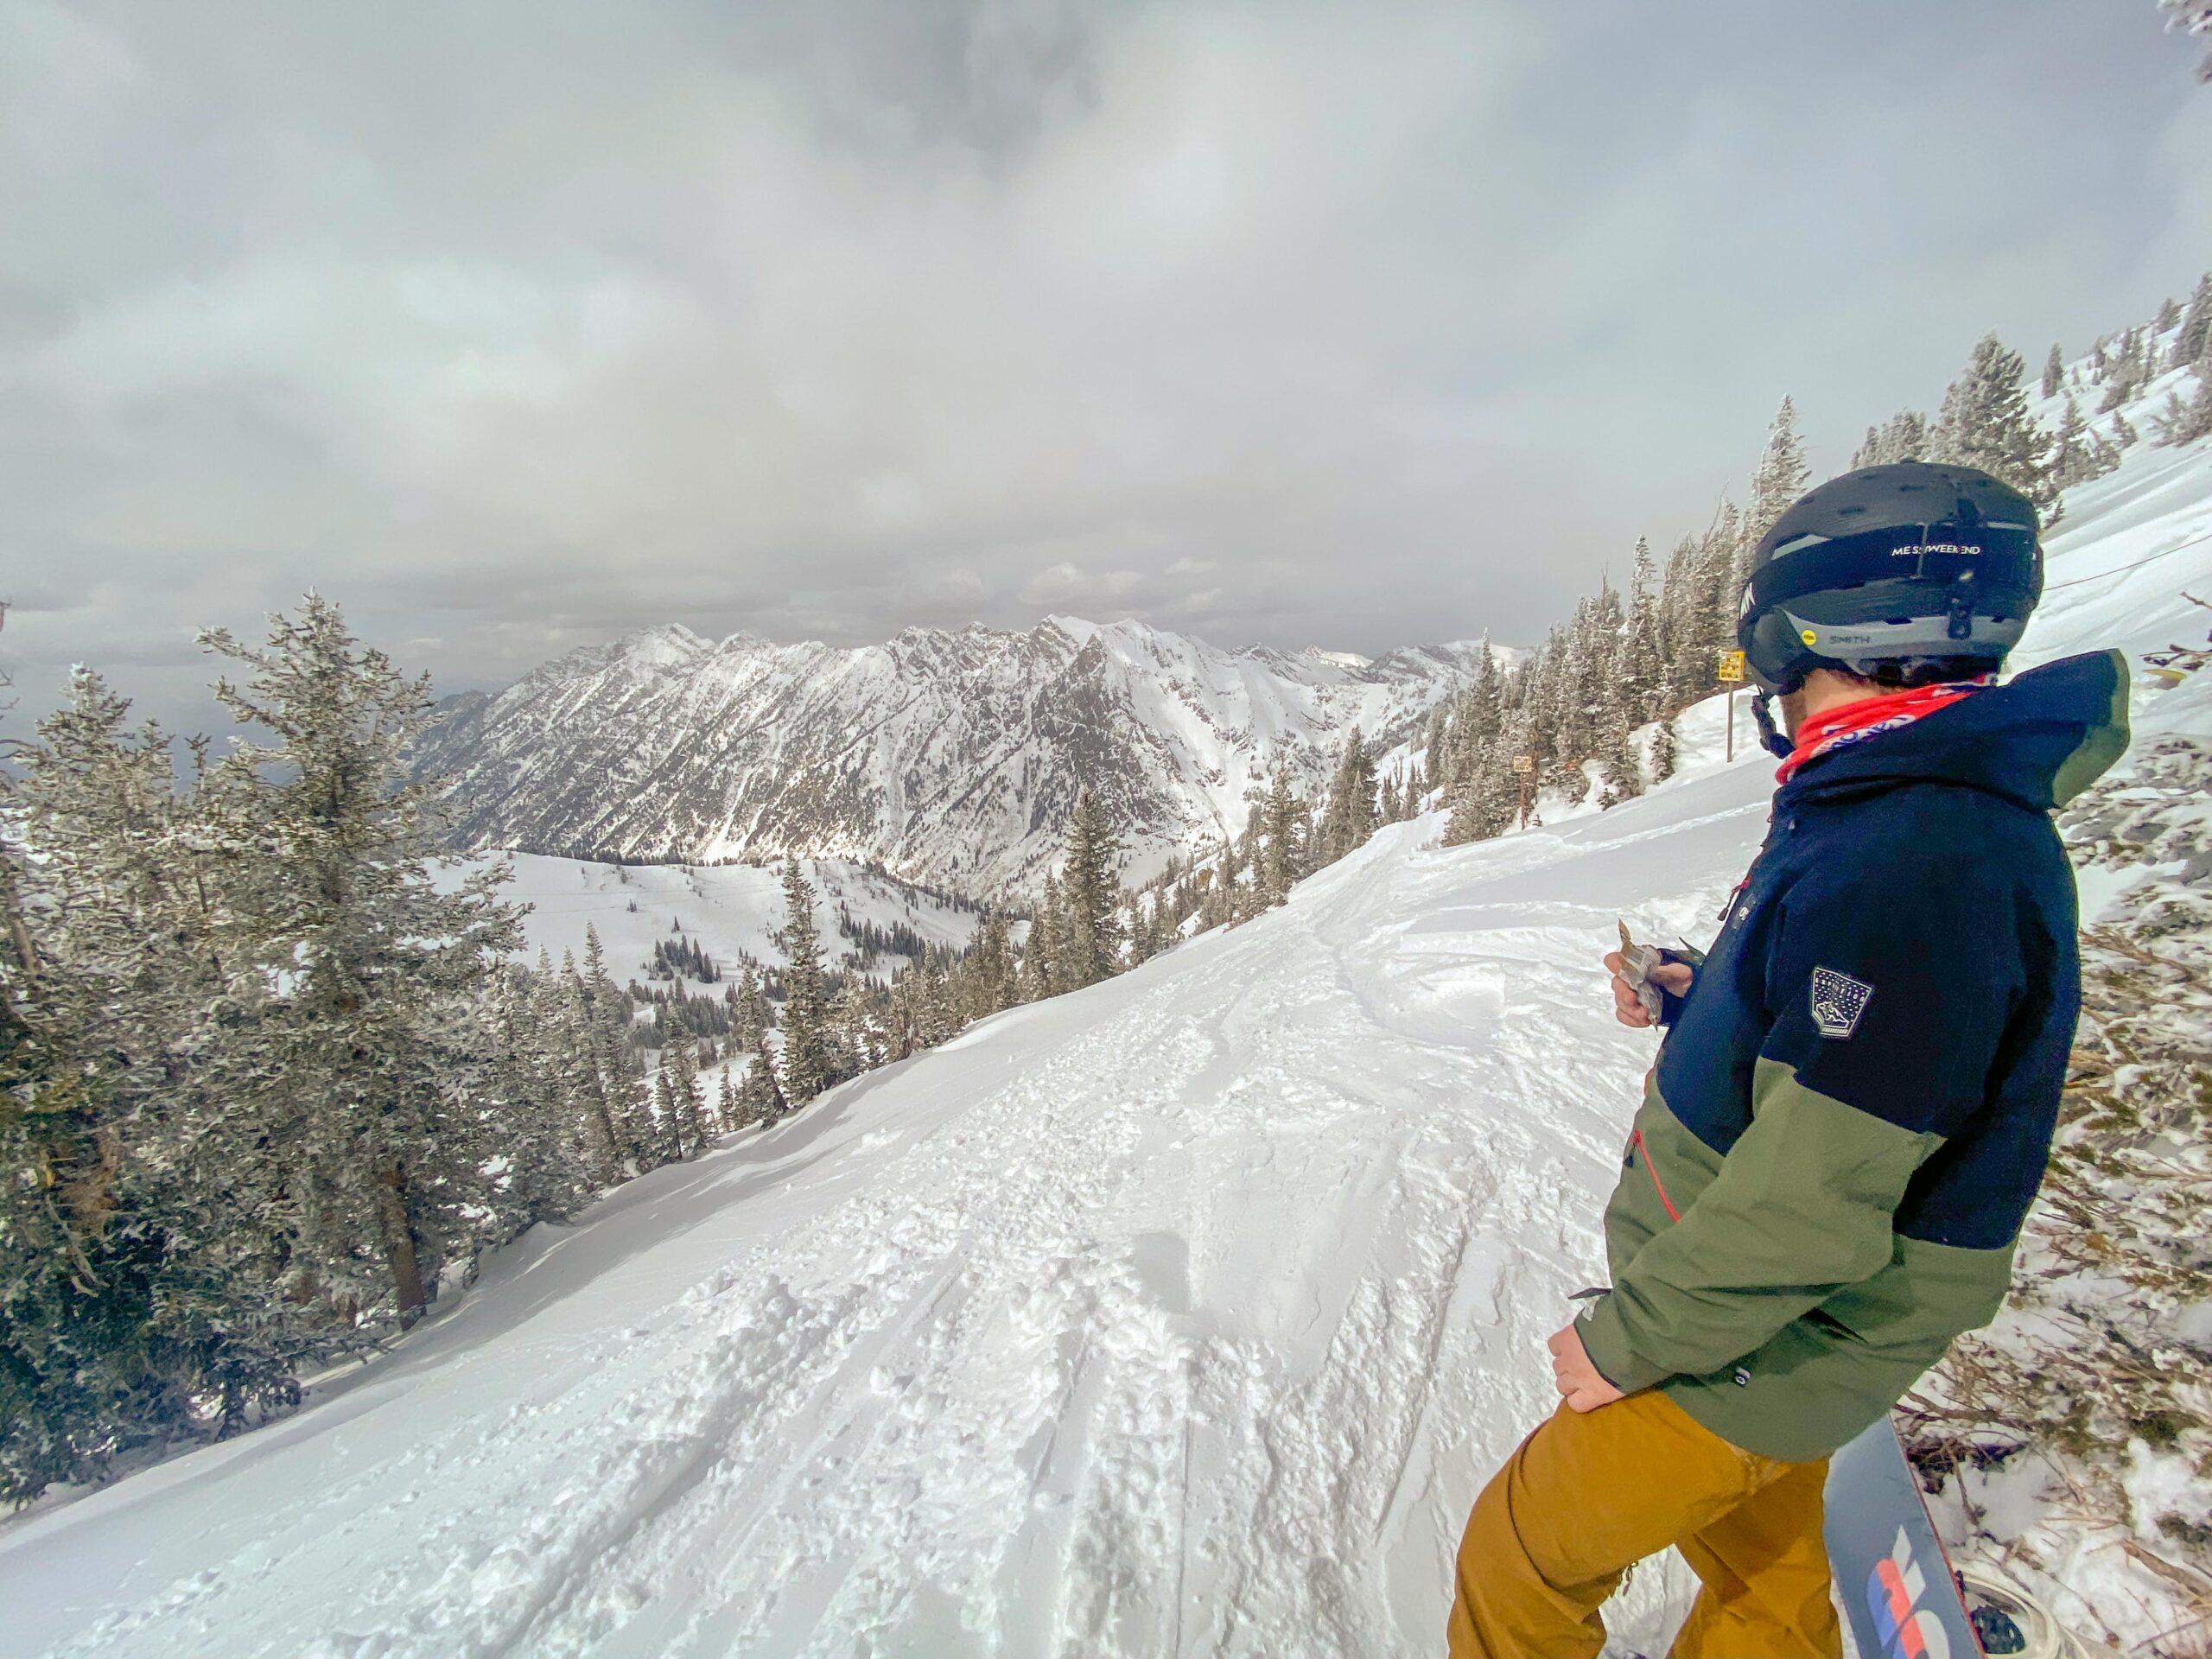 Cameron Eating a snack on High Baldy Traverse at Snowbird